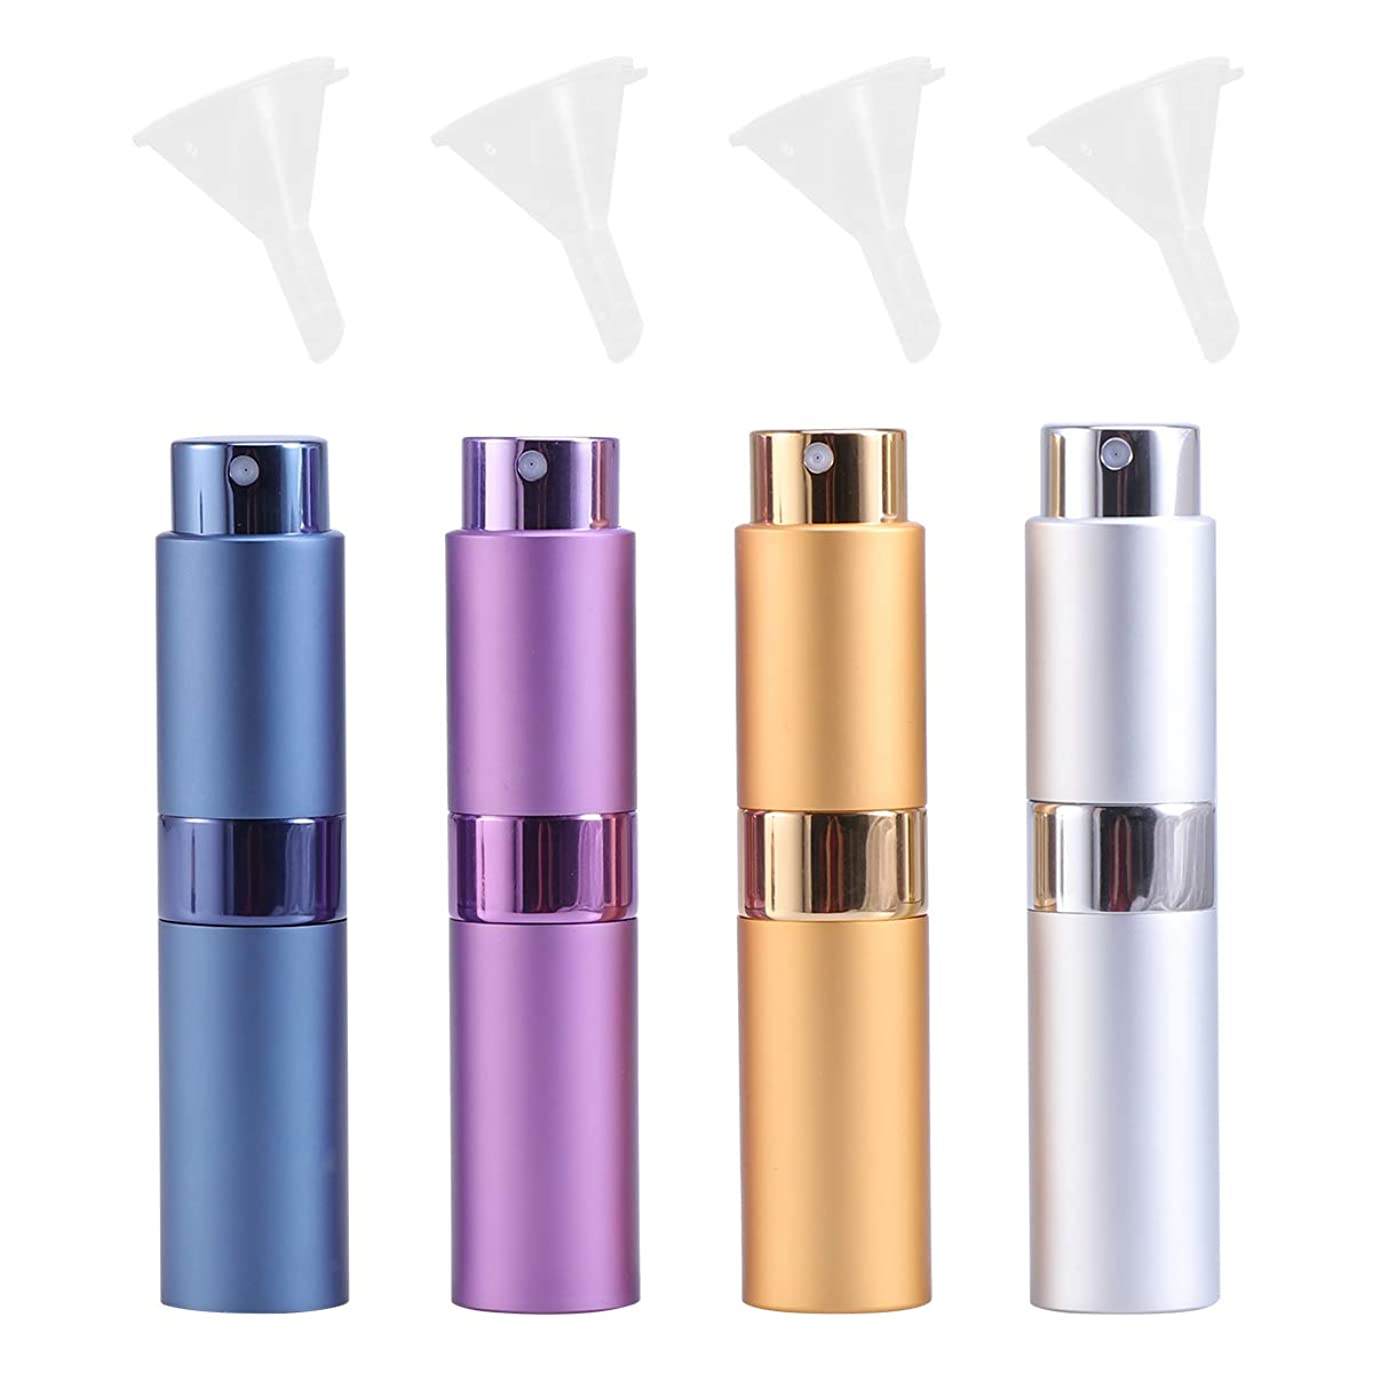 八百屋さん虫を数える試してみるSUPVOX 旅行用小型漏斗付き4本の空の香水スプレーボトル詰め替え式の香水瓶アトマイザー8ミリリットル(ゴールデン+シルバー+パープル+ブルー)